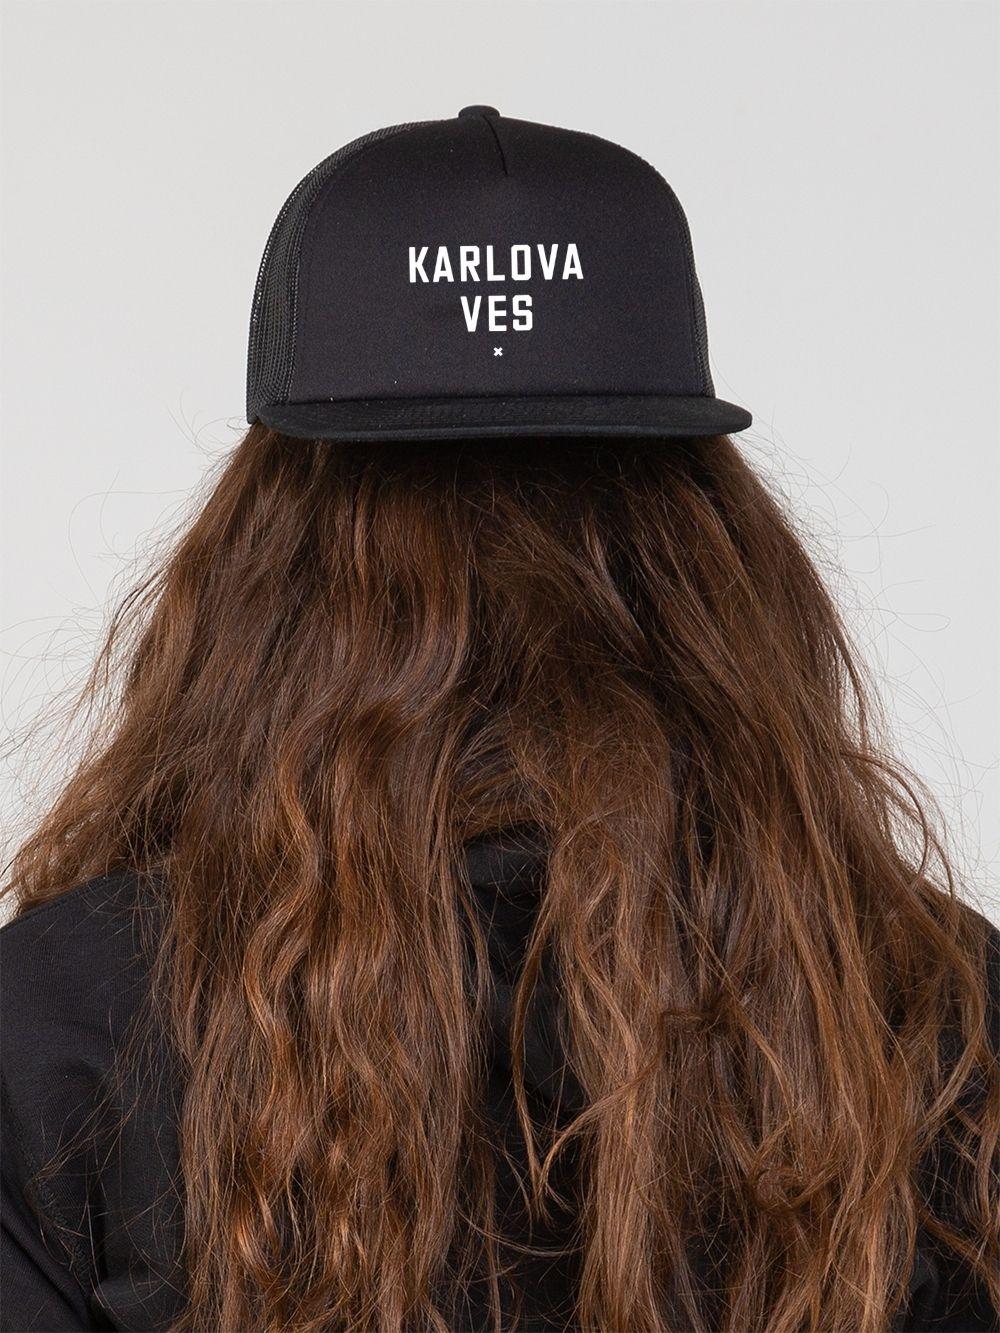 Karlova Ves Trucker